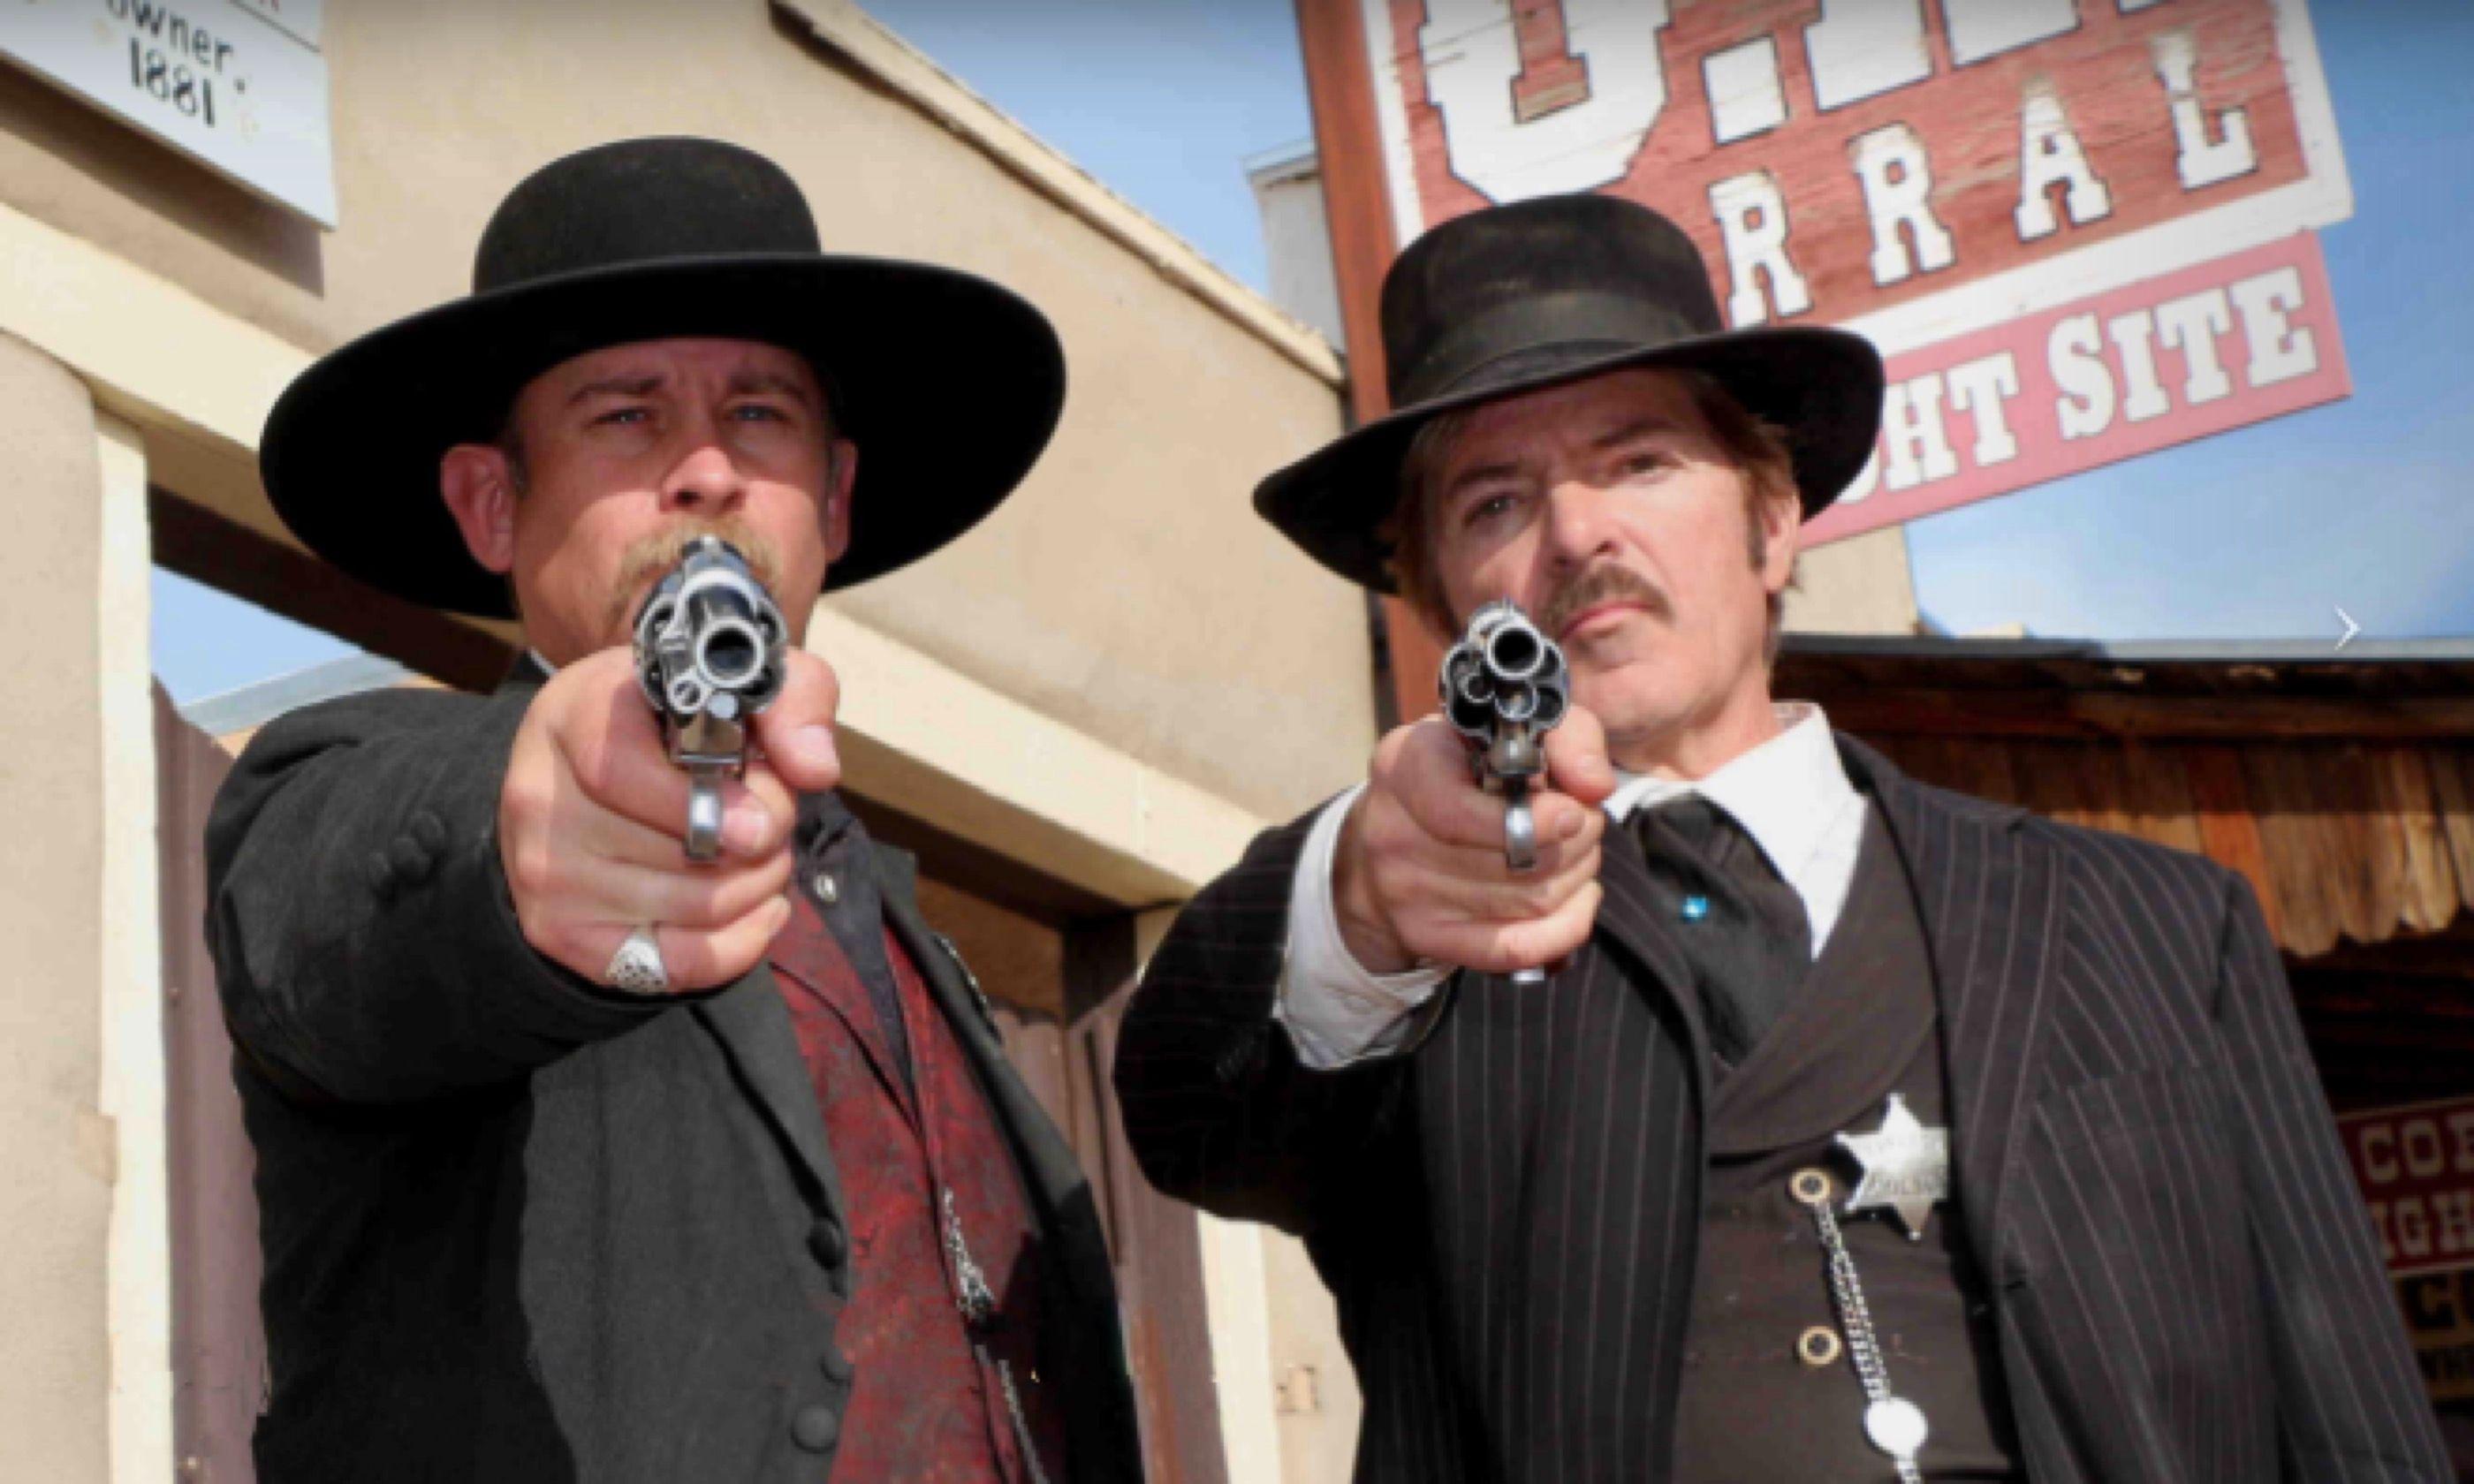 Shootout at the OK Corral (OK Corral.com)